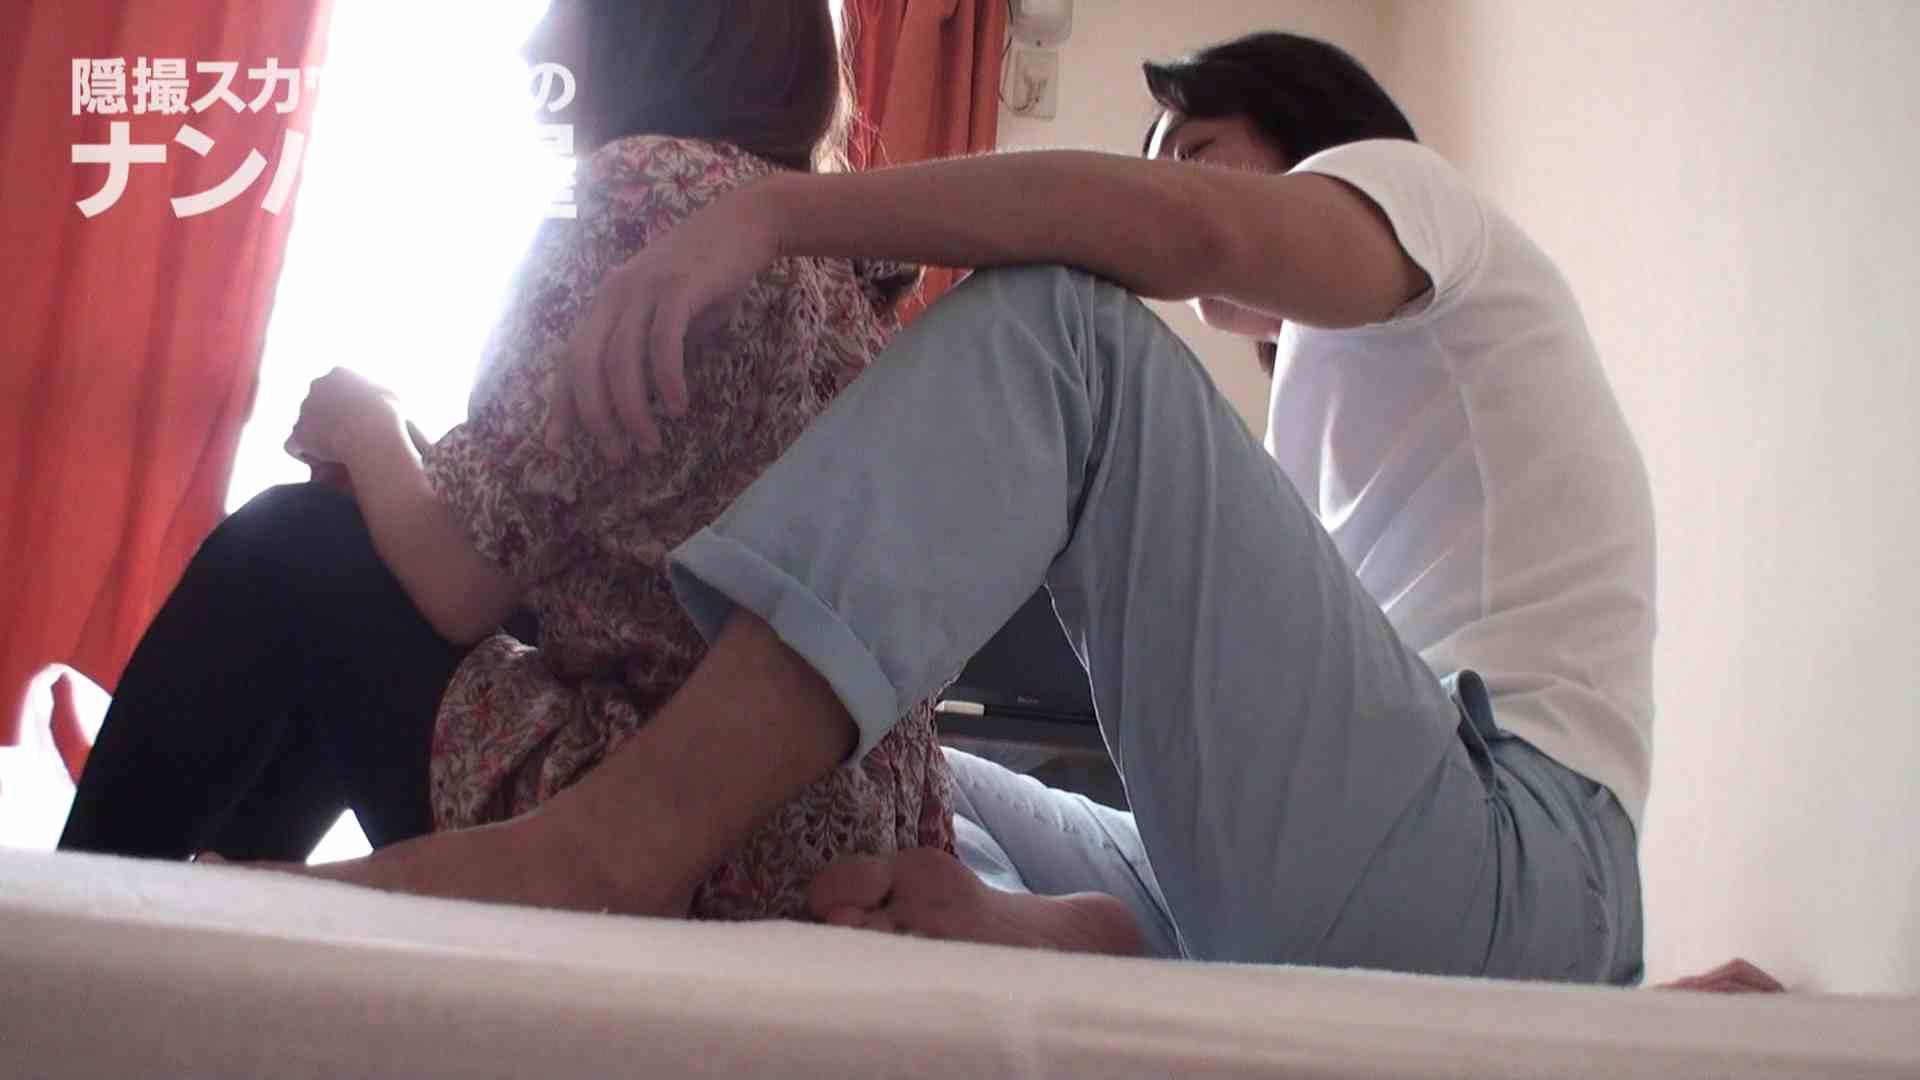 隠撮スカウトマンのナンパ部屋~風俗デビュー前のつまみ食い~ sii 0   0  104画像 22